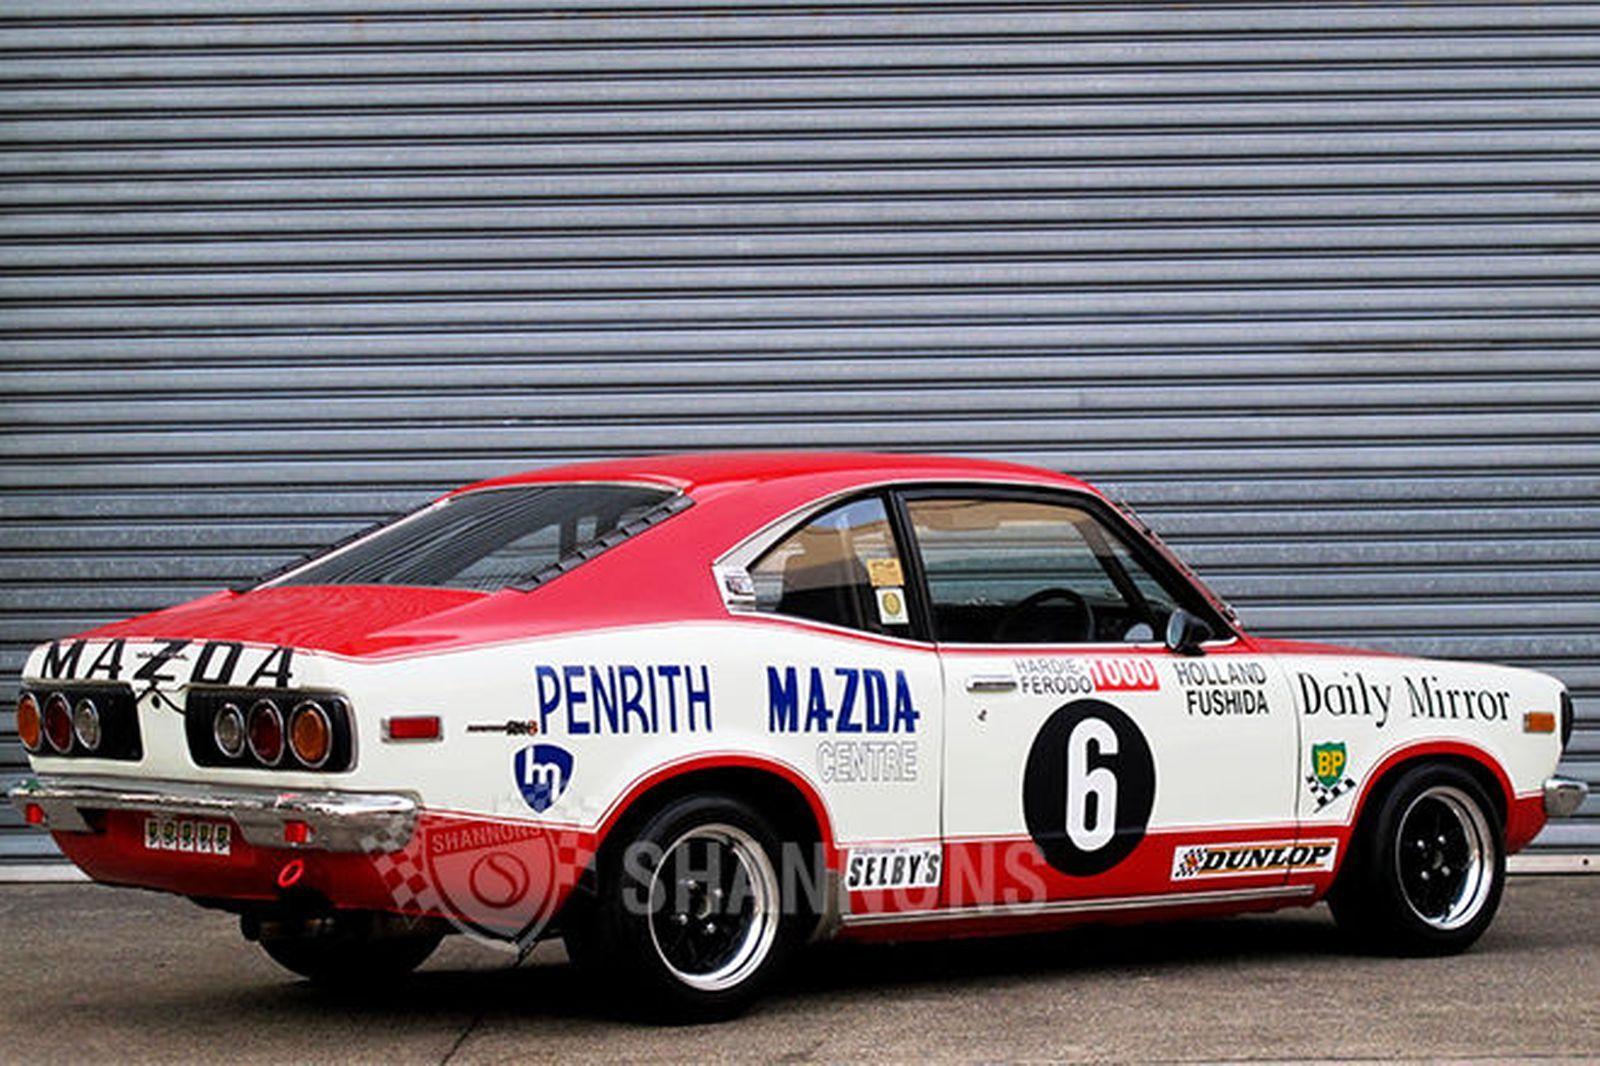 Mazda RX3 \'Group C\' Coupe Race Car (Ex Holland/Fushida) | Mazda ...